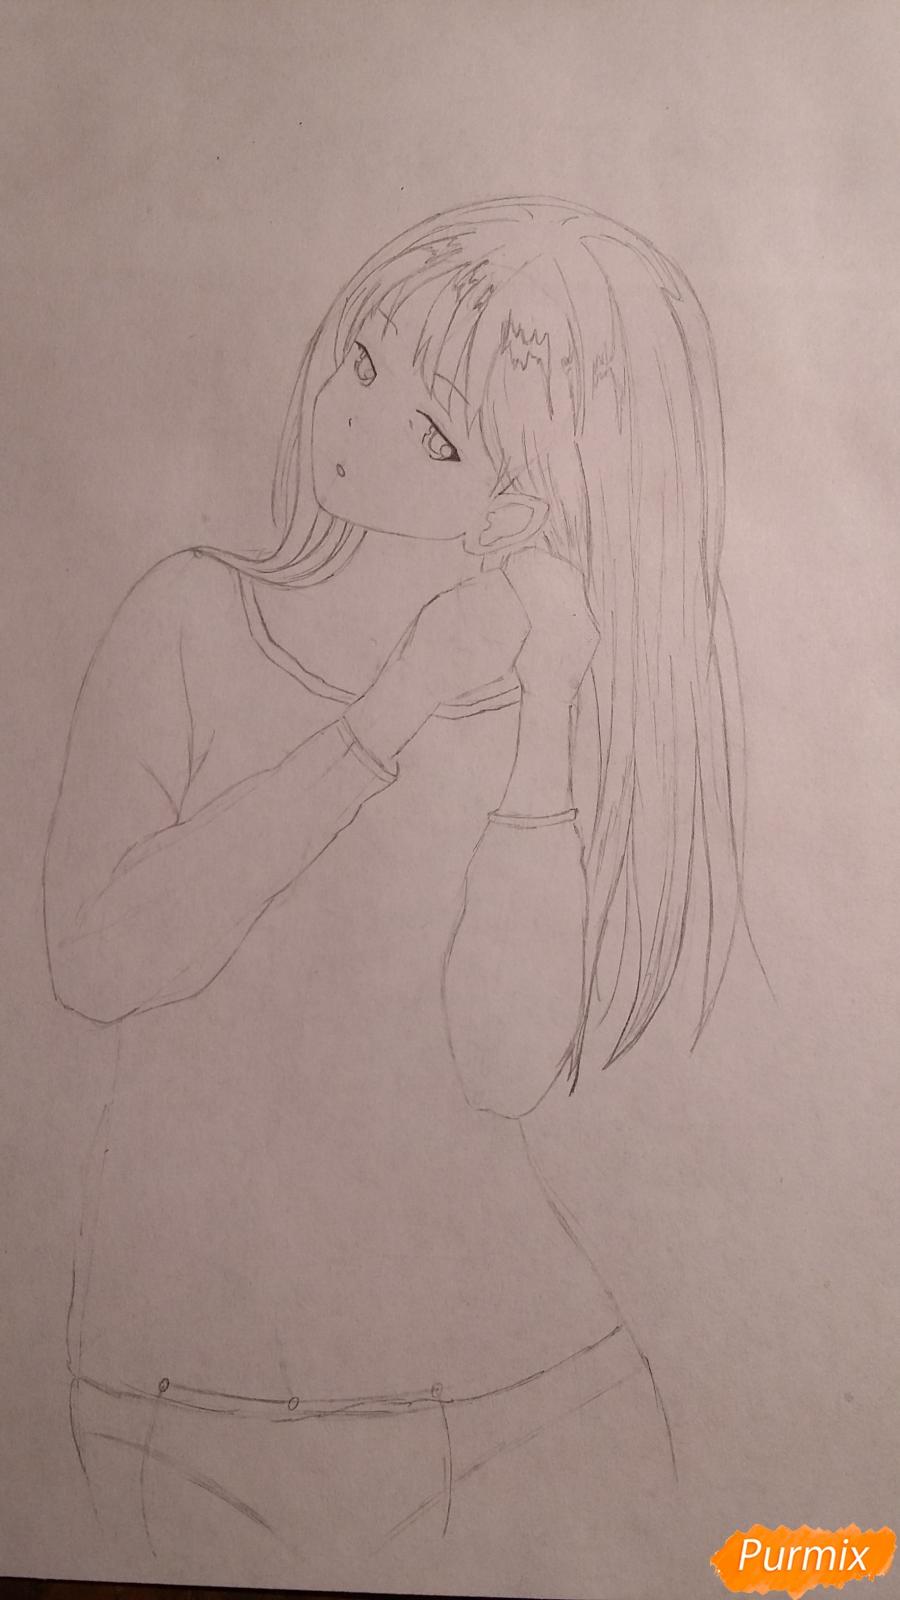 Как нарисовать милую девушку в аниме стиле карандашами поэтапно - шаг 4